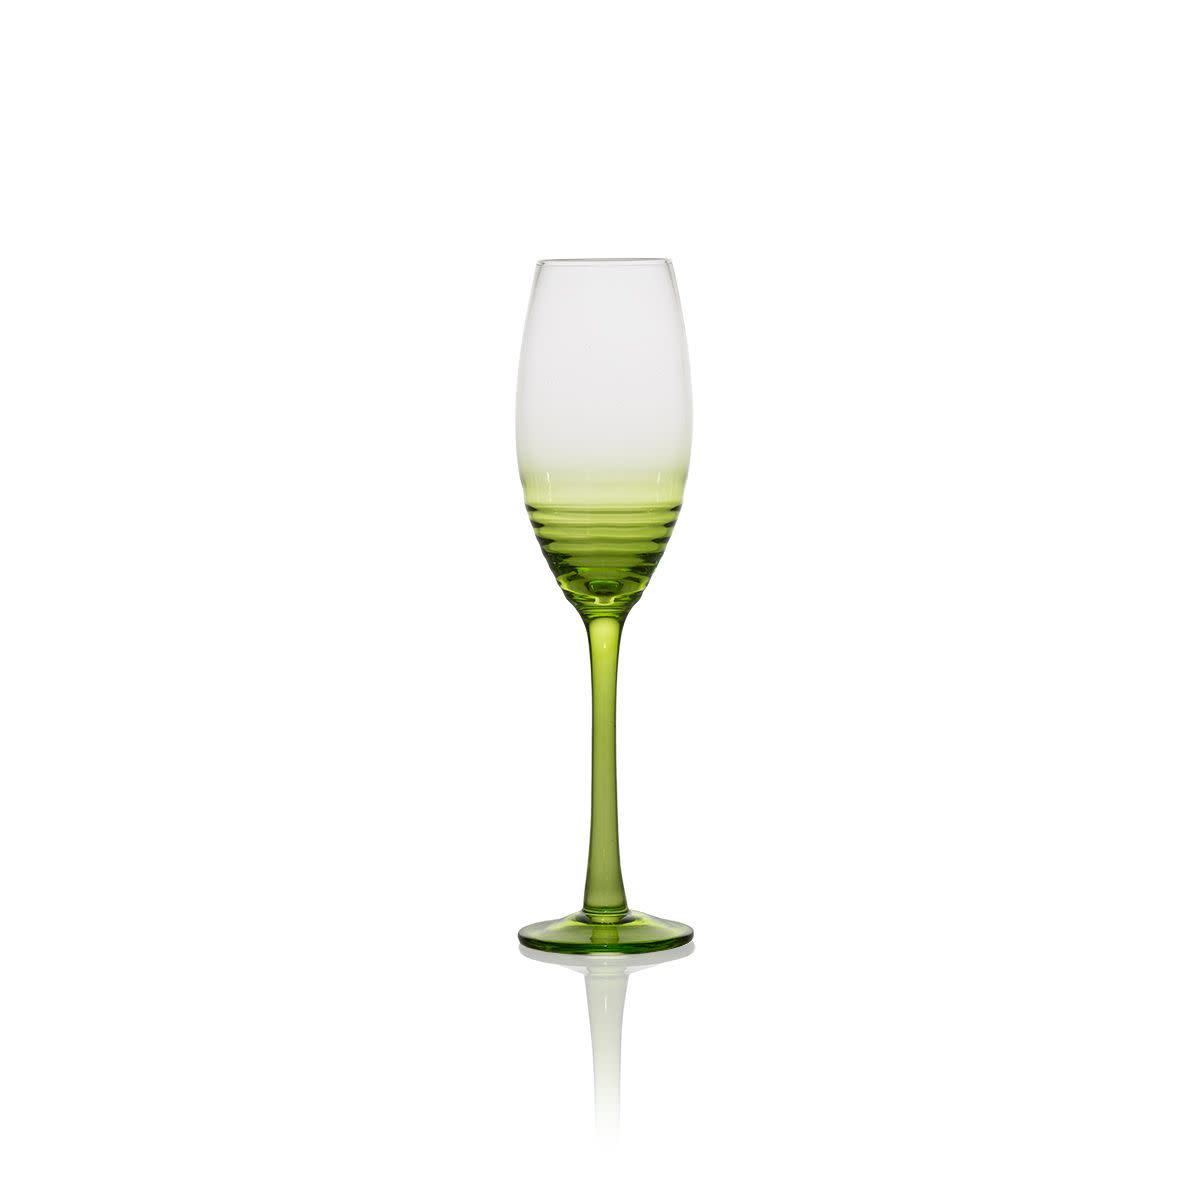 Sektglas-Set, 4-tlg., Glas (Impressionen)